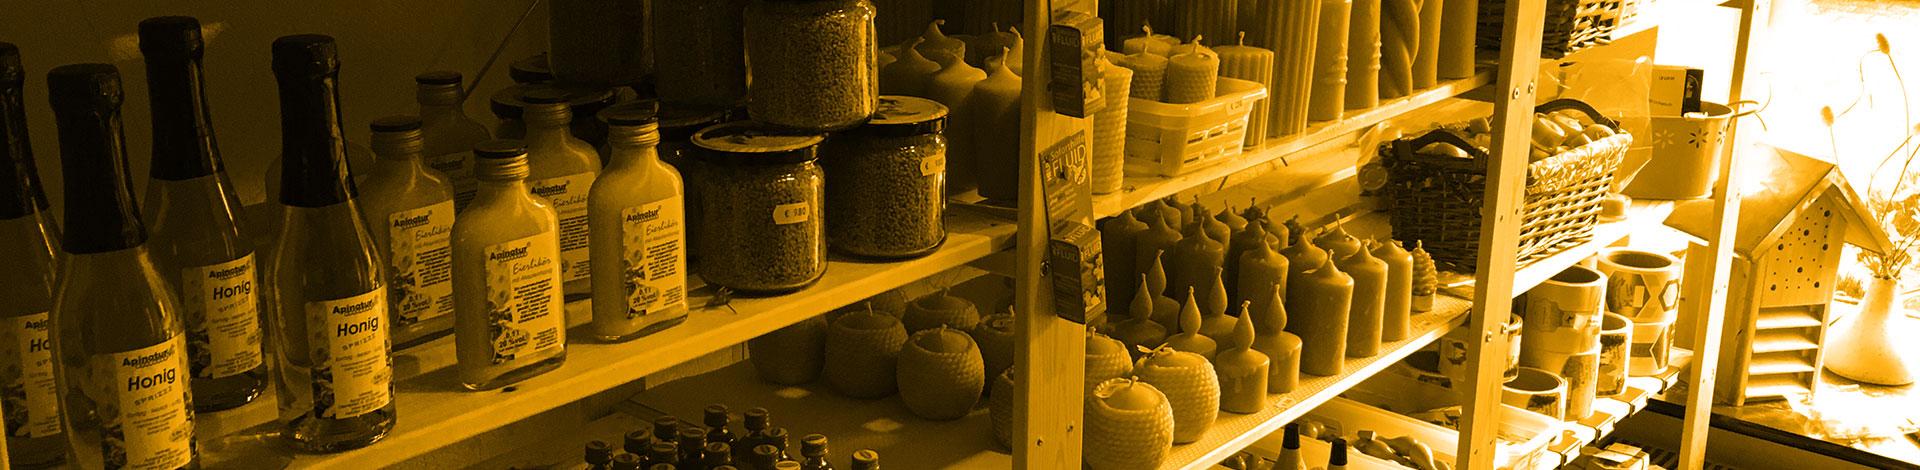 Honigprodukte im Laden